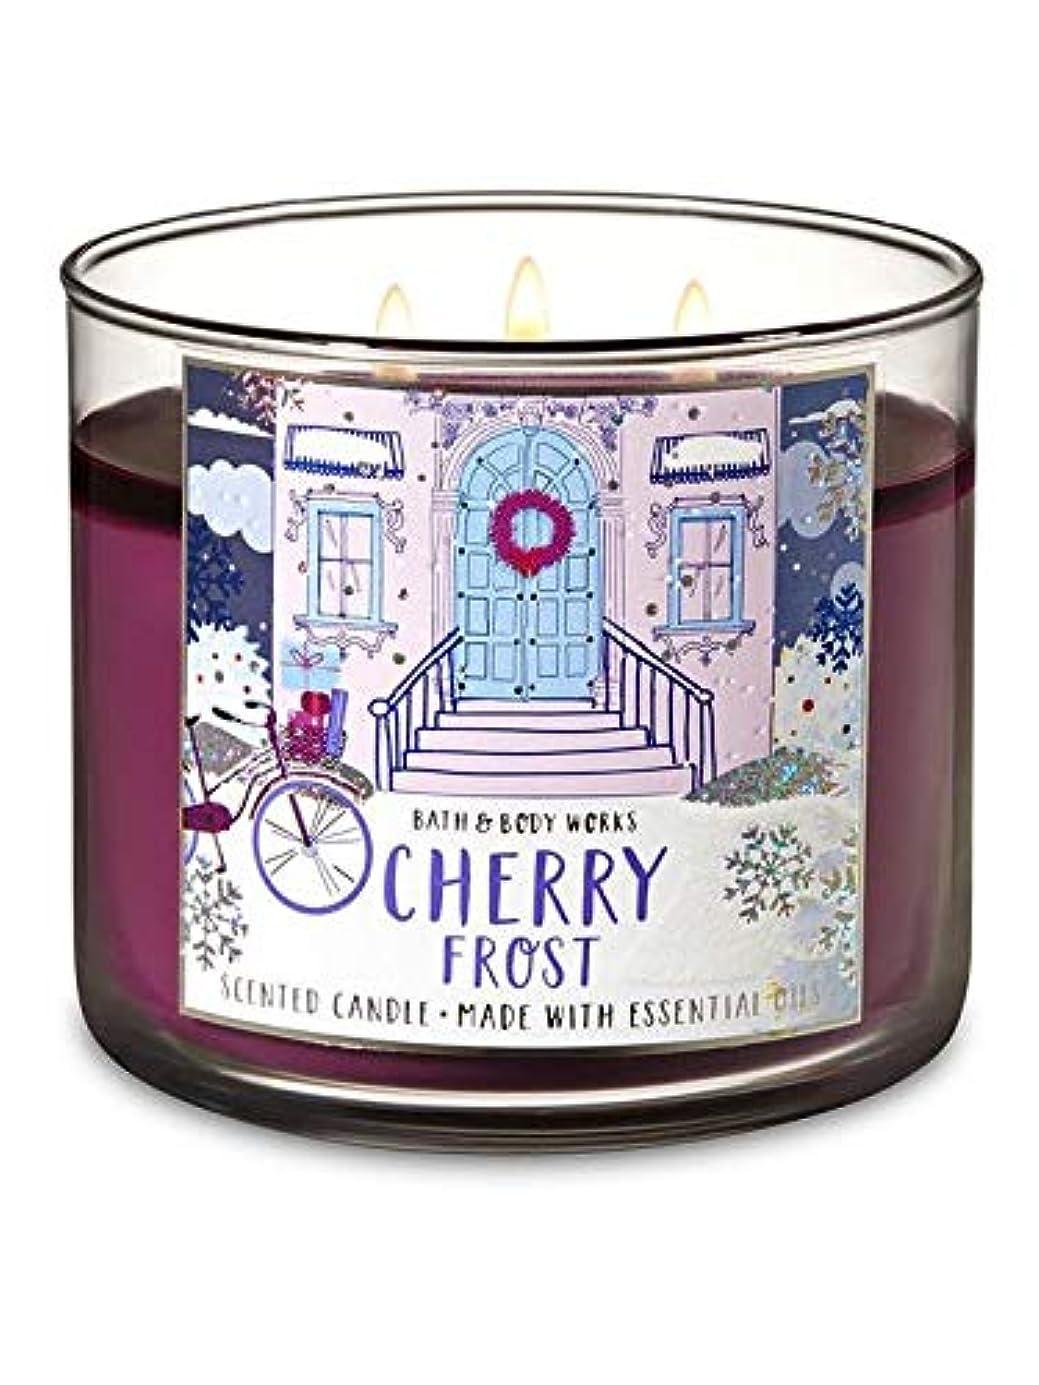 代わりに昼寝群がる【Bath&Body Works/バス&ボディワークス】 アロマキャンドル チェリーフロスト 3-Wick Scented Candle Cherry Frost 14.5oz/411g [並行輸入品]